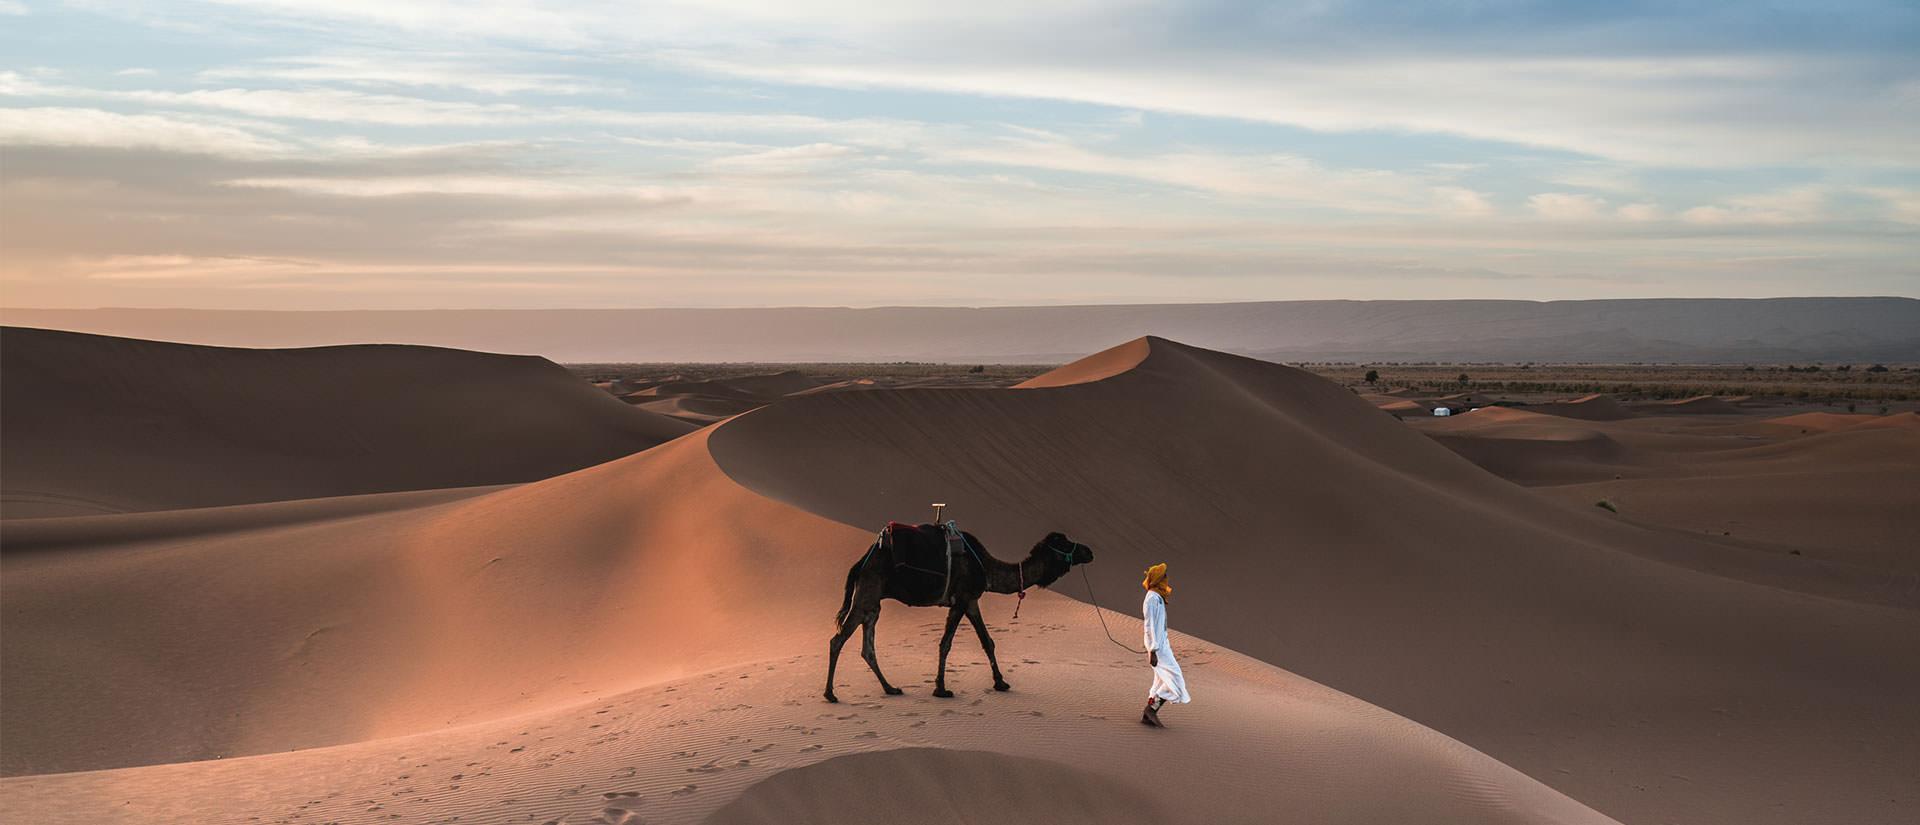 טיול נשים למרוקו - 13 יום - בין פנטזיה למציאות